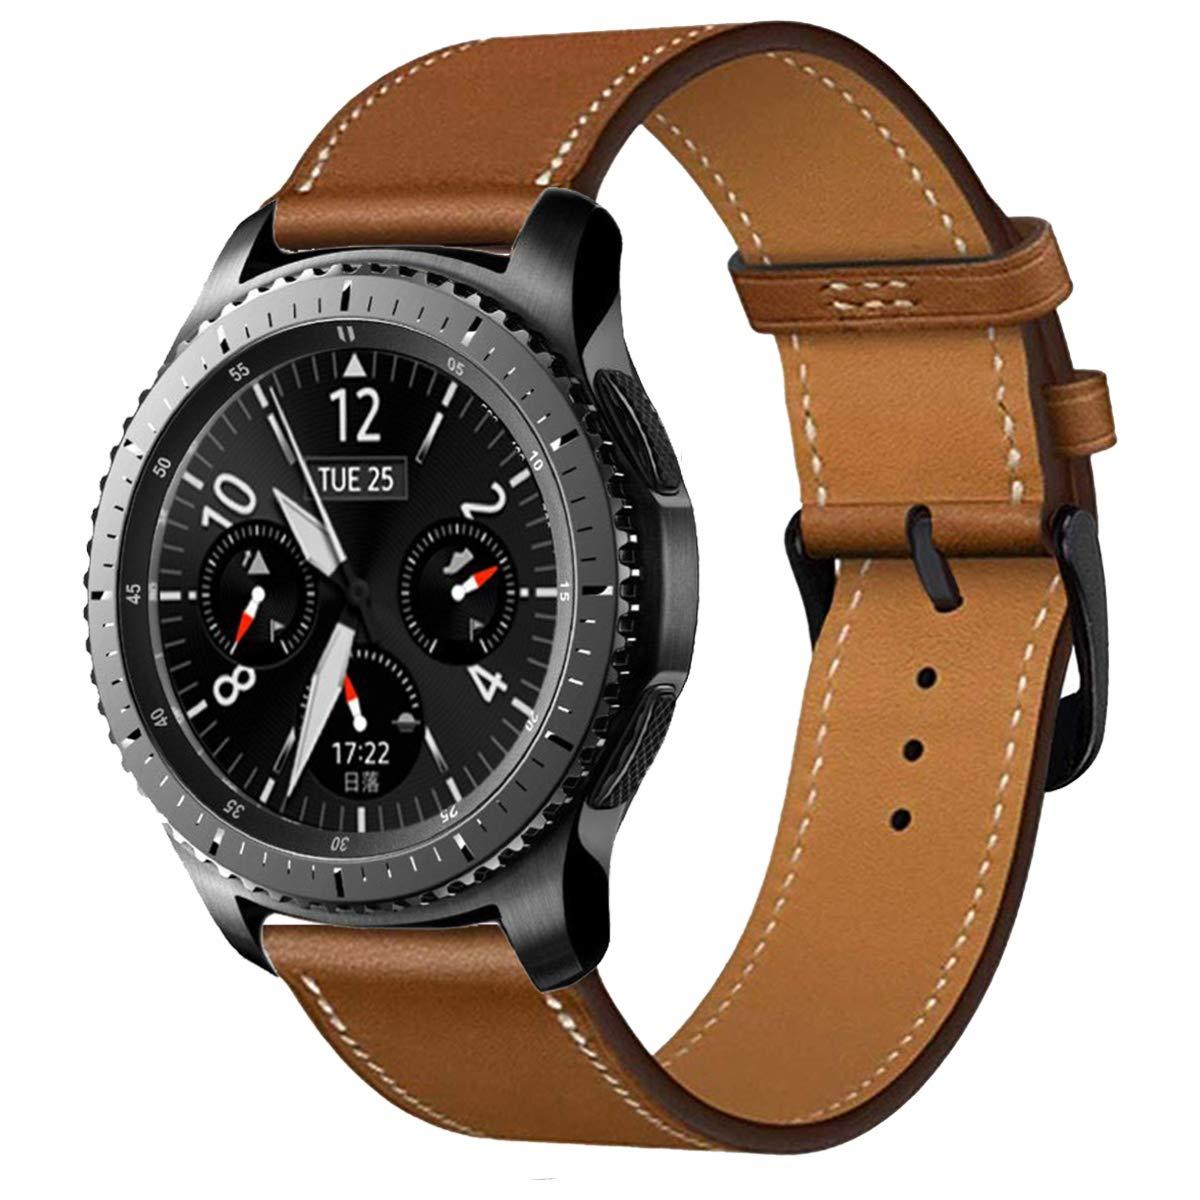 iBazal 22mm Correa Cuero Liberación Rápida Pulseras Compatible con Samsung Galaxy Watch 46mm,Gear S3 Frontier Classic,Huawei GT/2 Classic/Honor ...